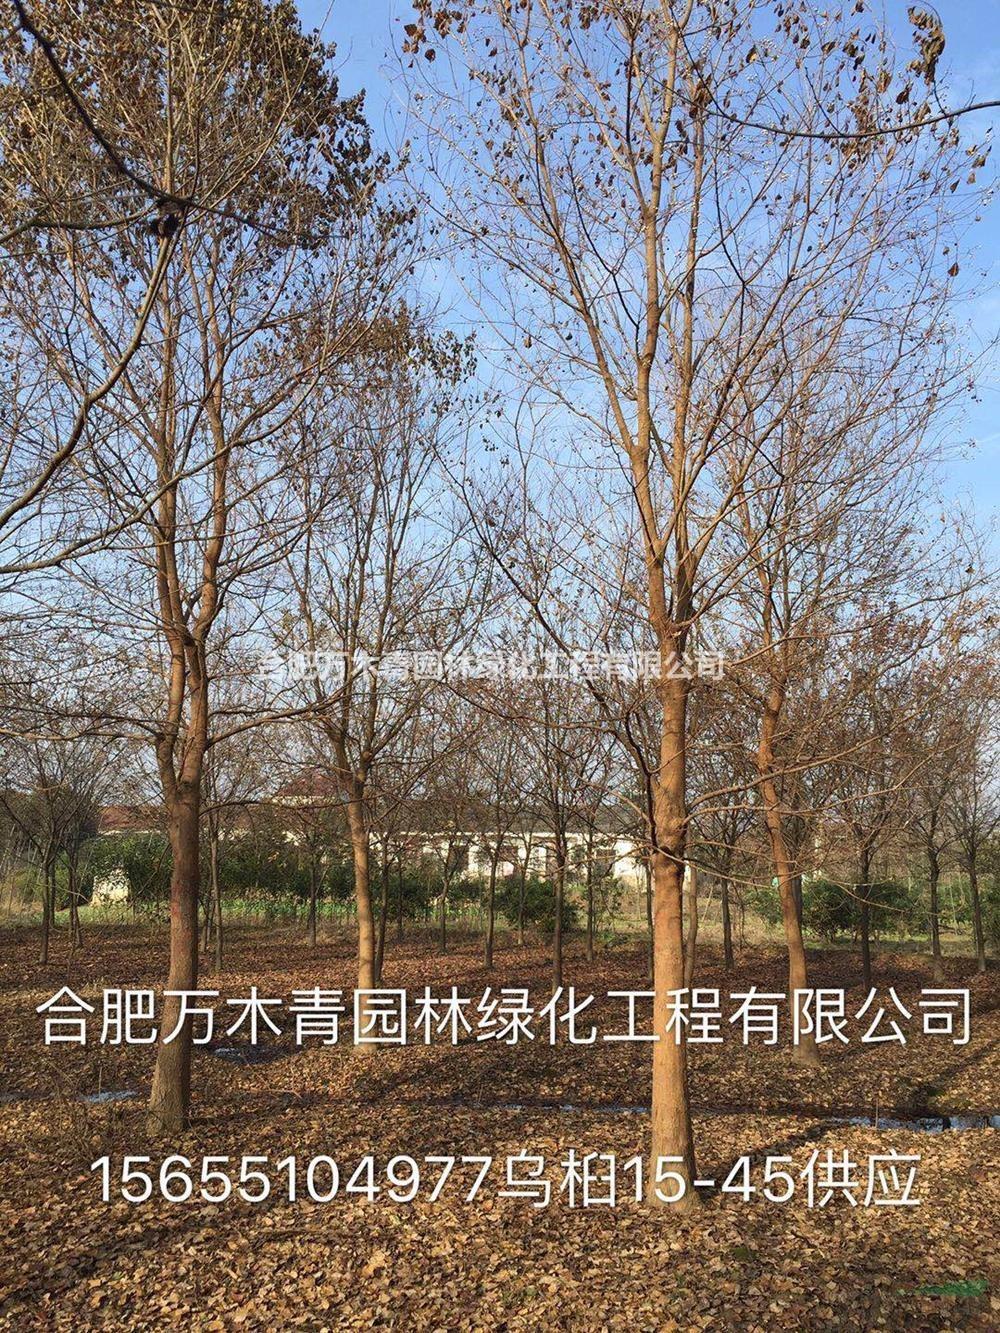 合肥万木青园林绿化工程有限公司